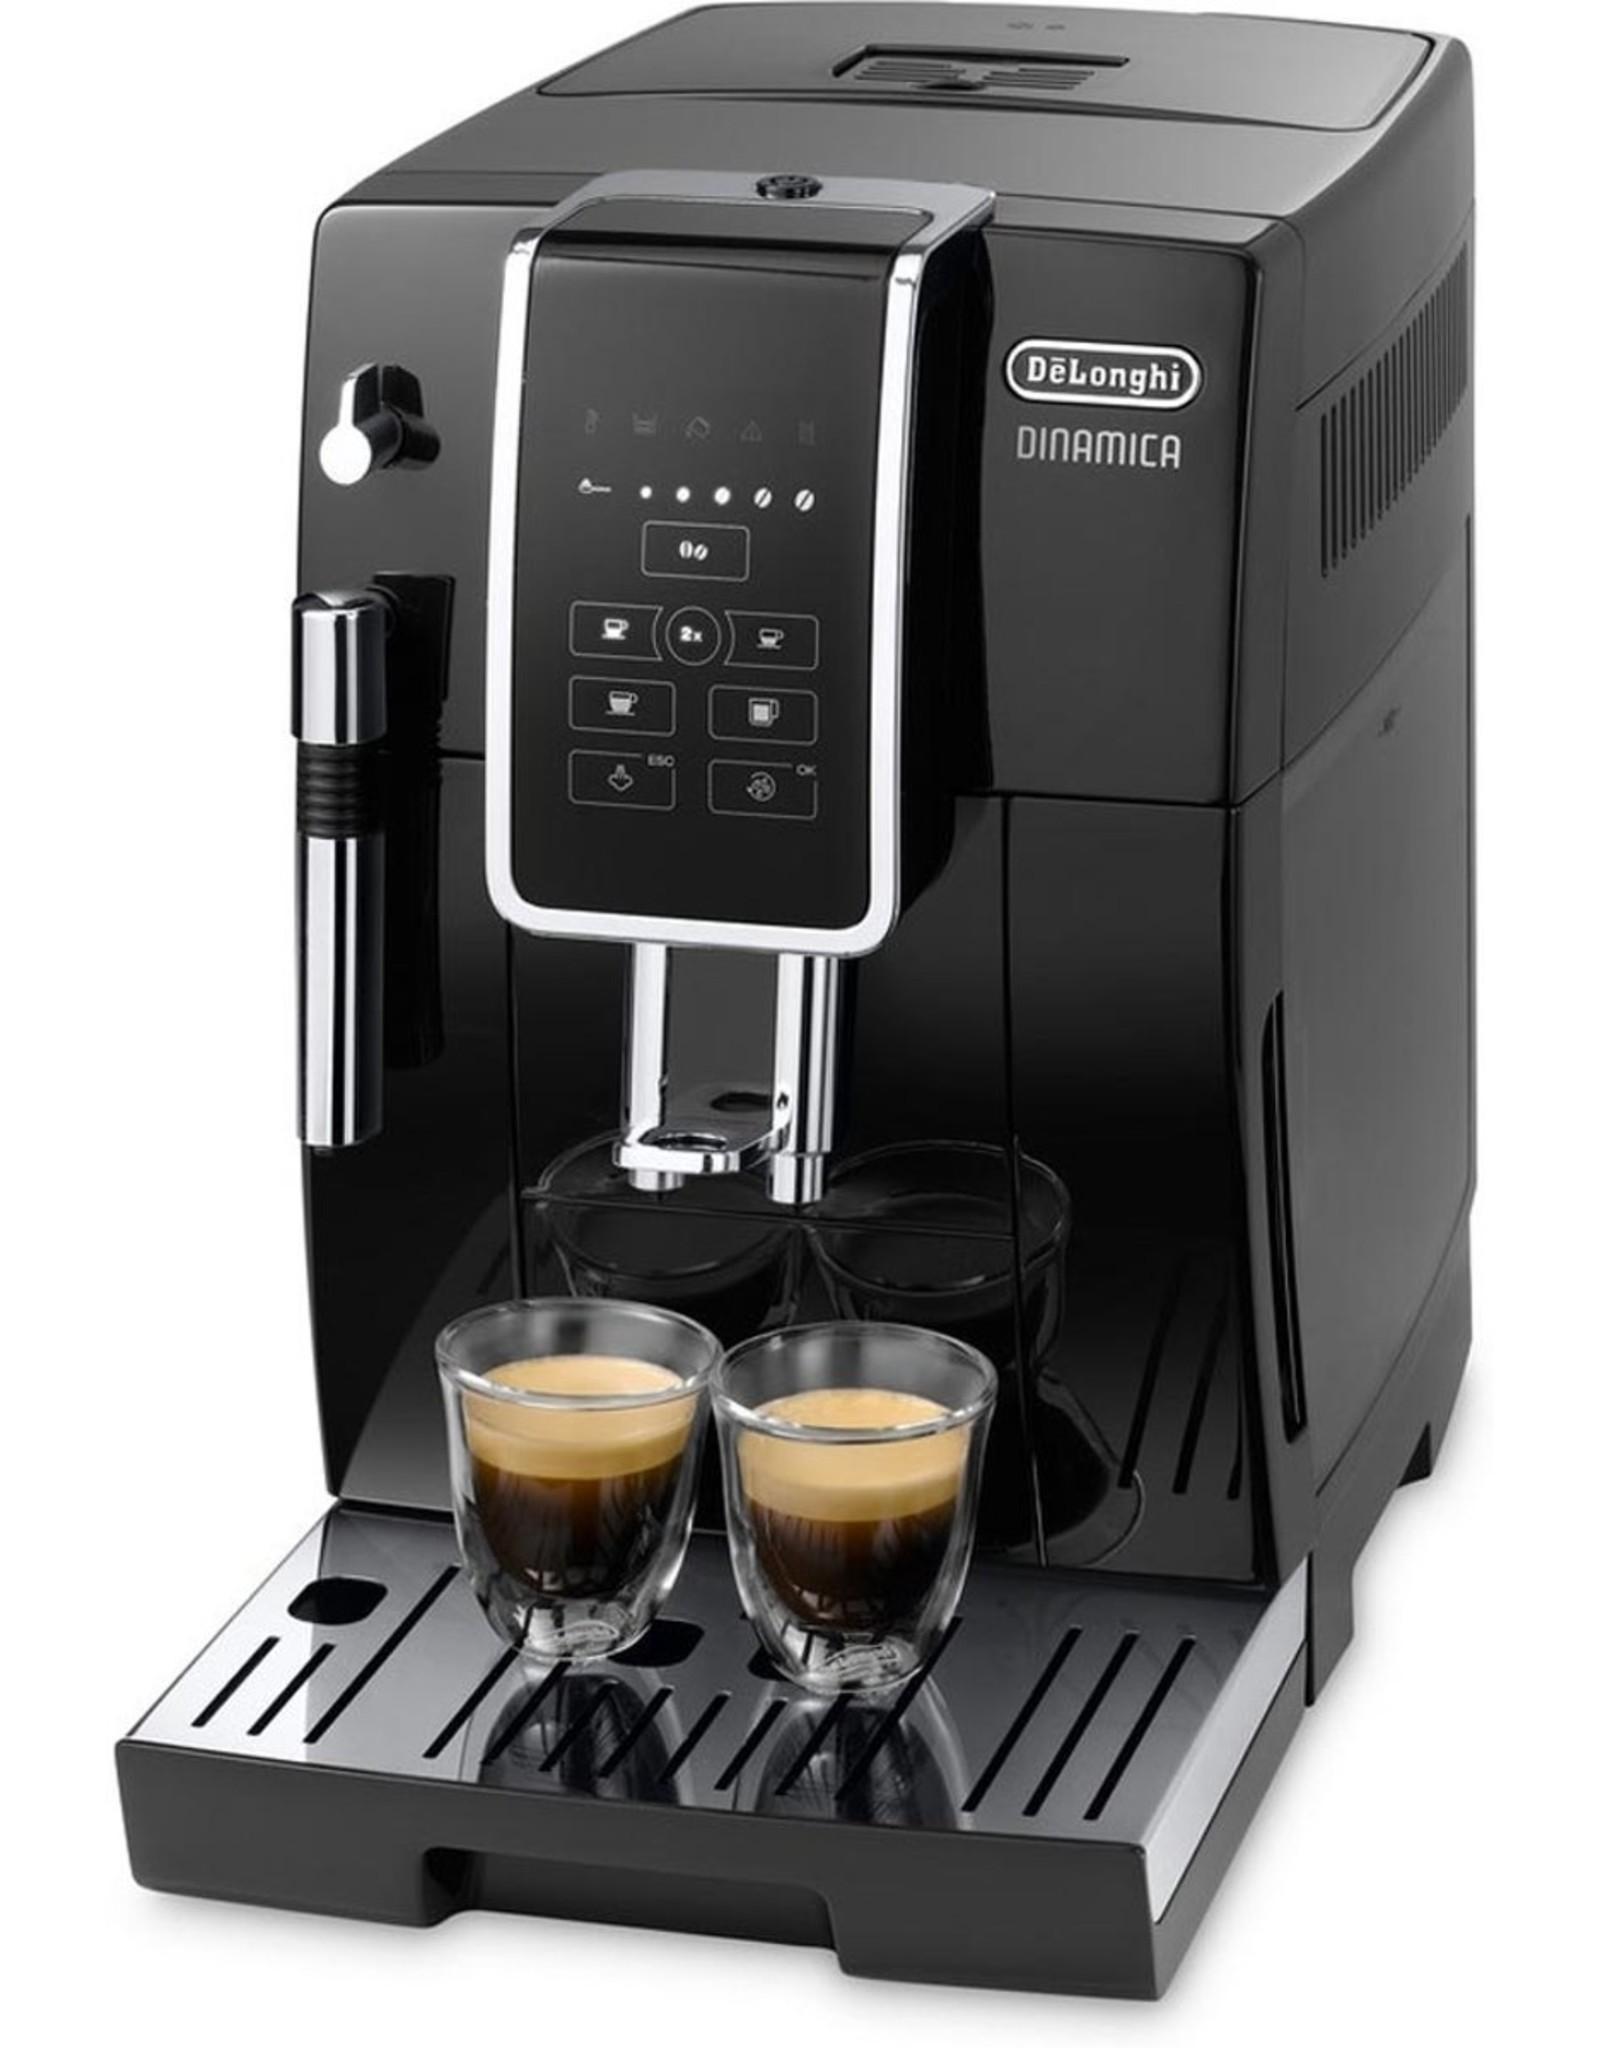 DeLonghi DeLonghi Dinamica ECAM 350.15.B Espressomachine